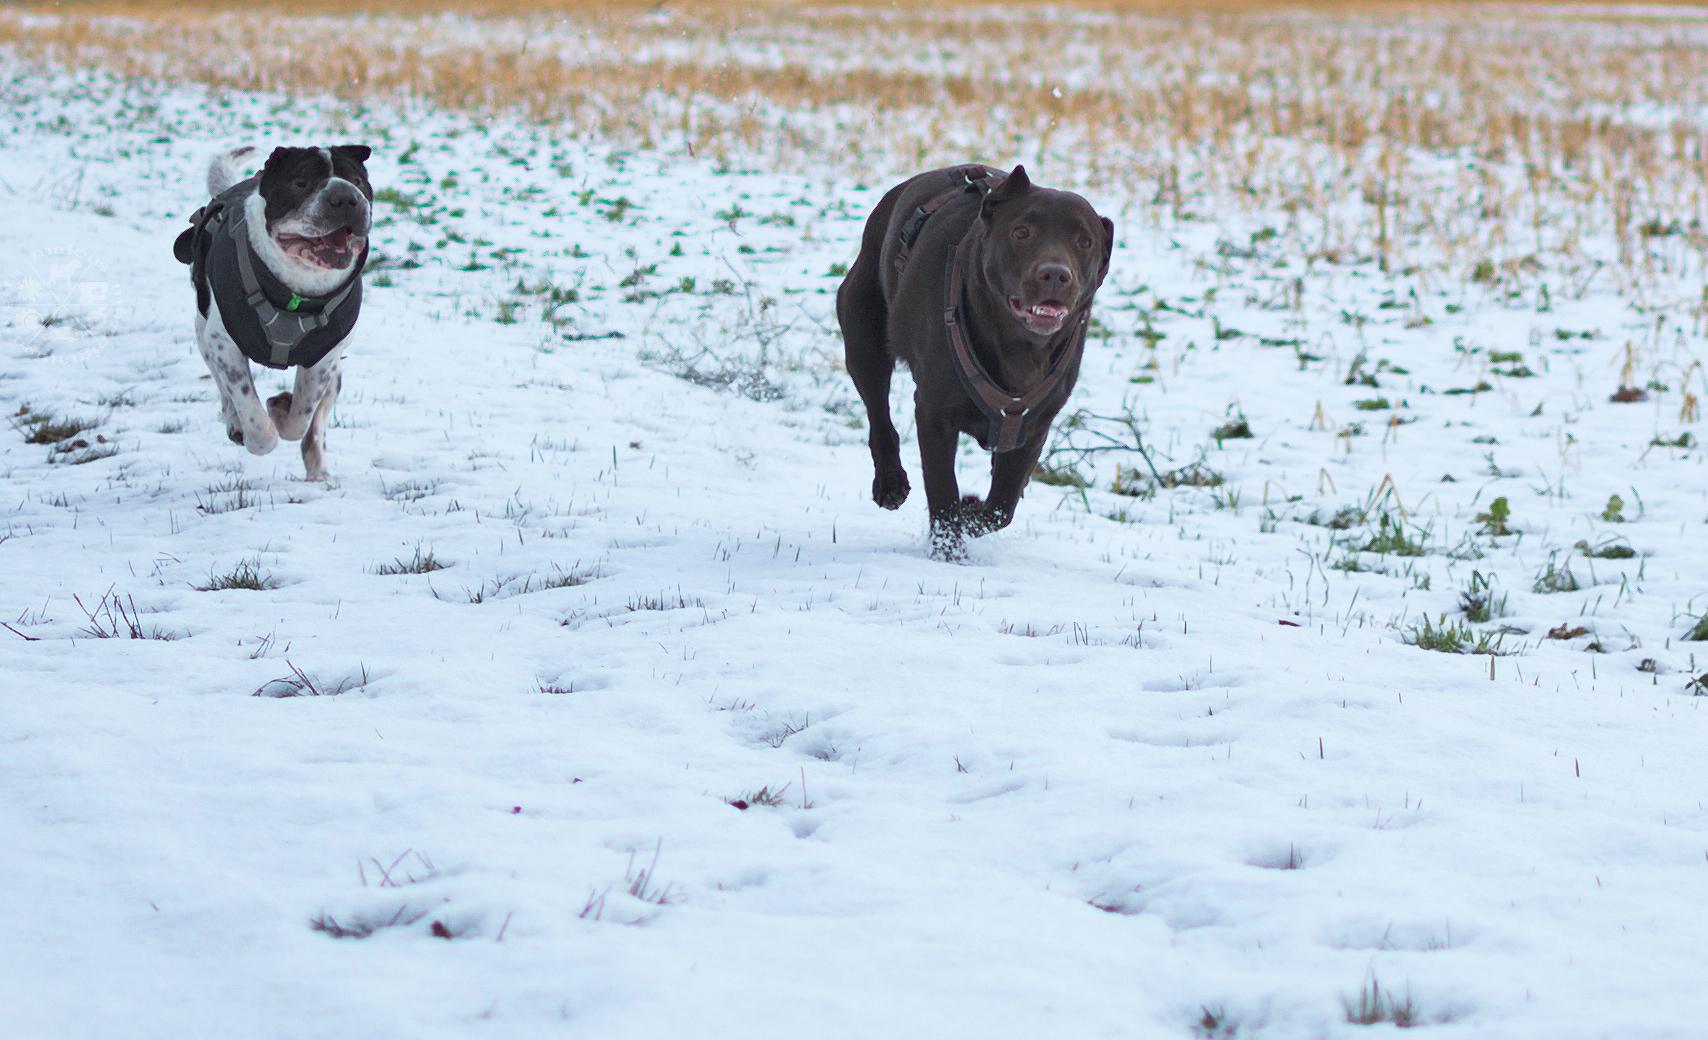 Kingston Eddie Labrador Shar Pei Tagebuch spielen Walzer Hund Hunde Hundeblog Blog Malous Rabaukenbande Wolters Ruffwear Retriever Erziehung Kommunkation MMW Insta Facebook rennen Schnee